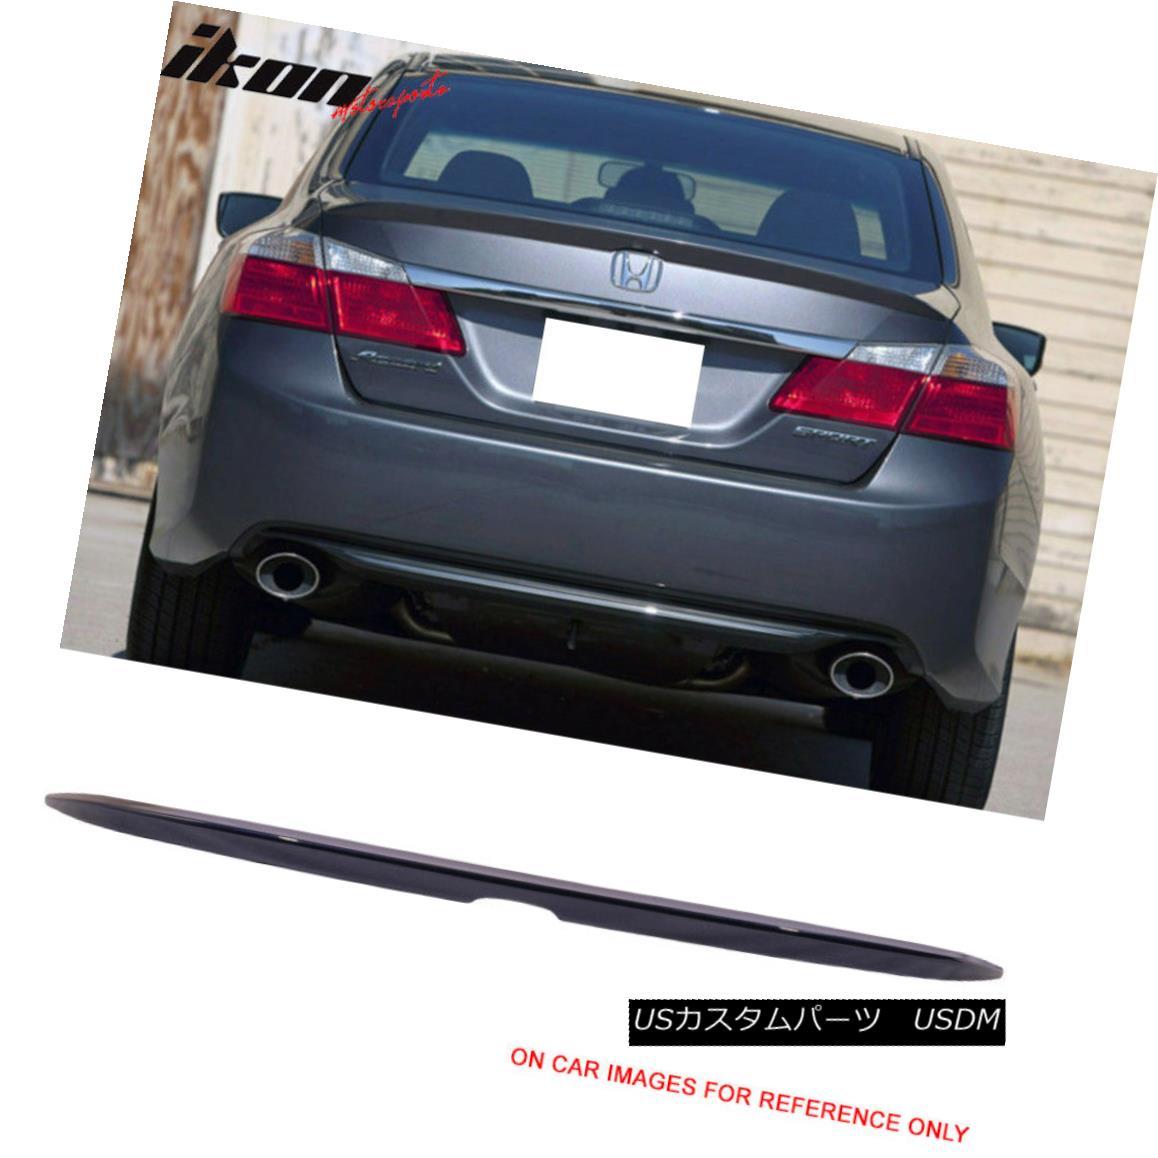 エアロパーツ Fits 13-16 Honda Accord OE Trunk Spoiler Wing Painted #B588P Obsidian Blue Pearl フィット13-16ホンダアコードOEトランク・スポイラー・ウィング#B588P黒曜石